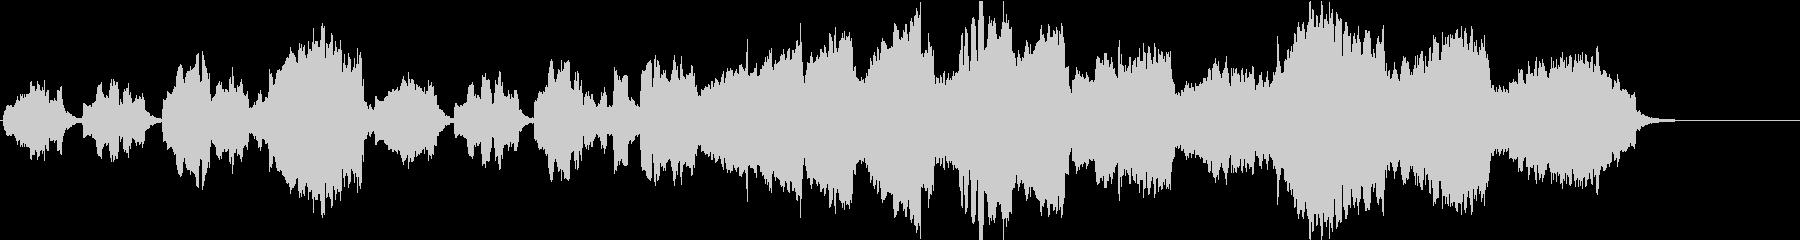 木管/しっとり/リラックス/モーニングの未再生の波形